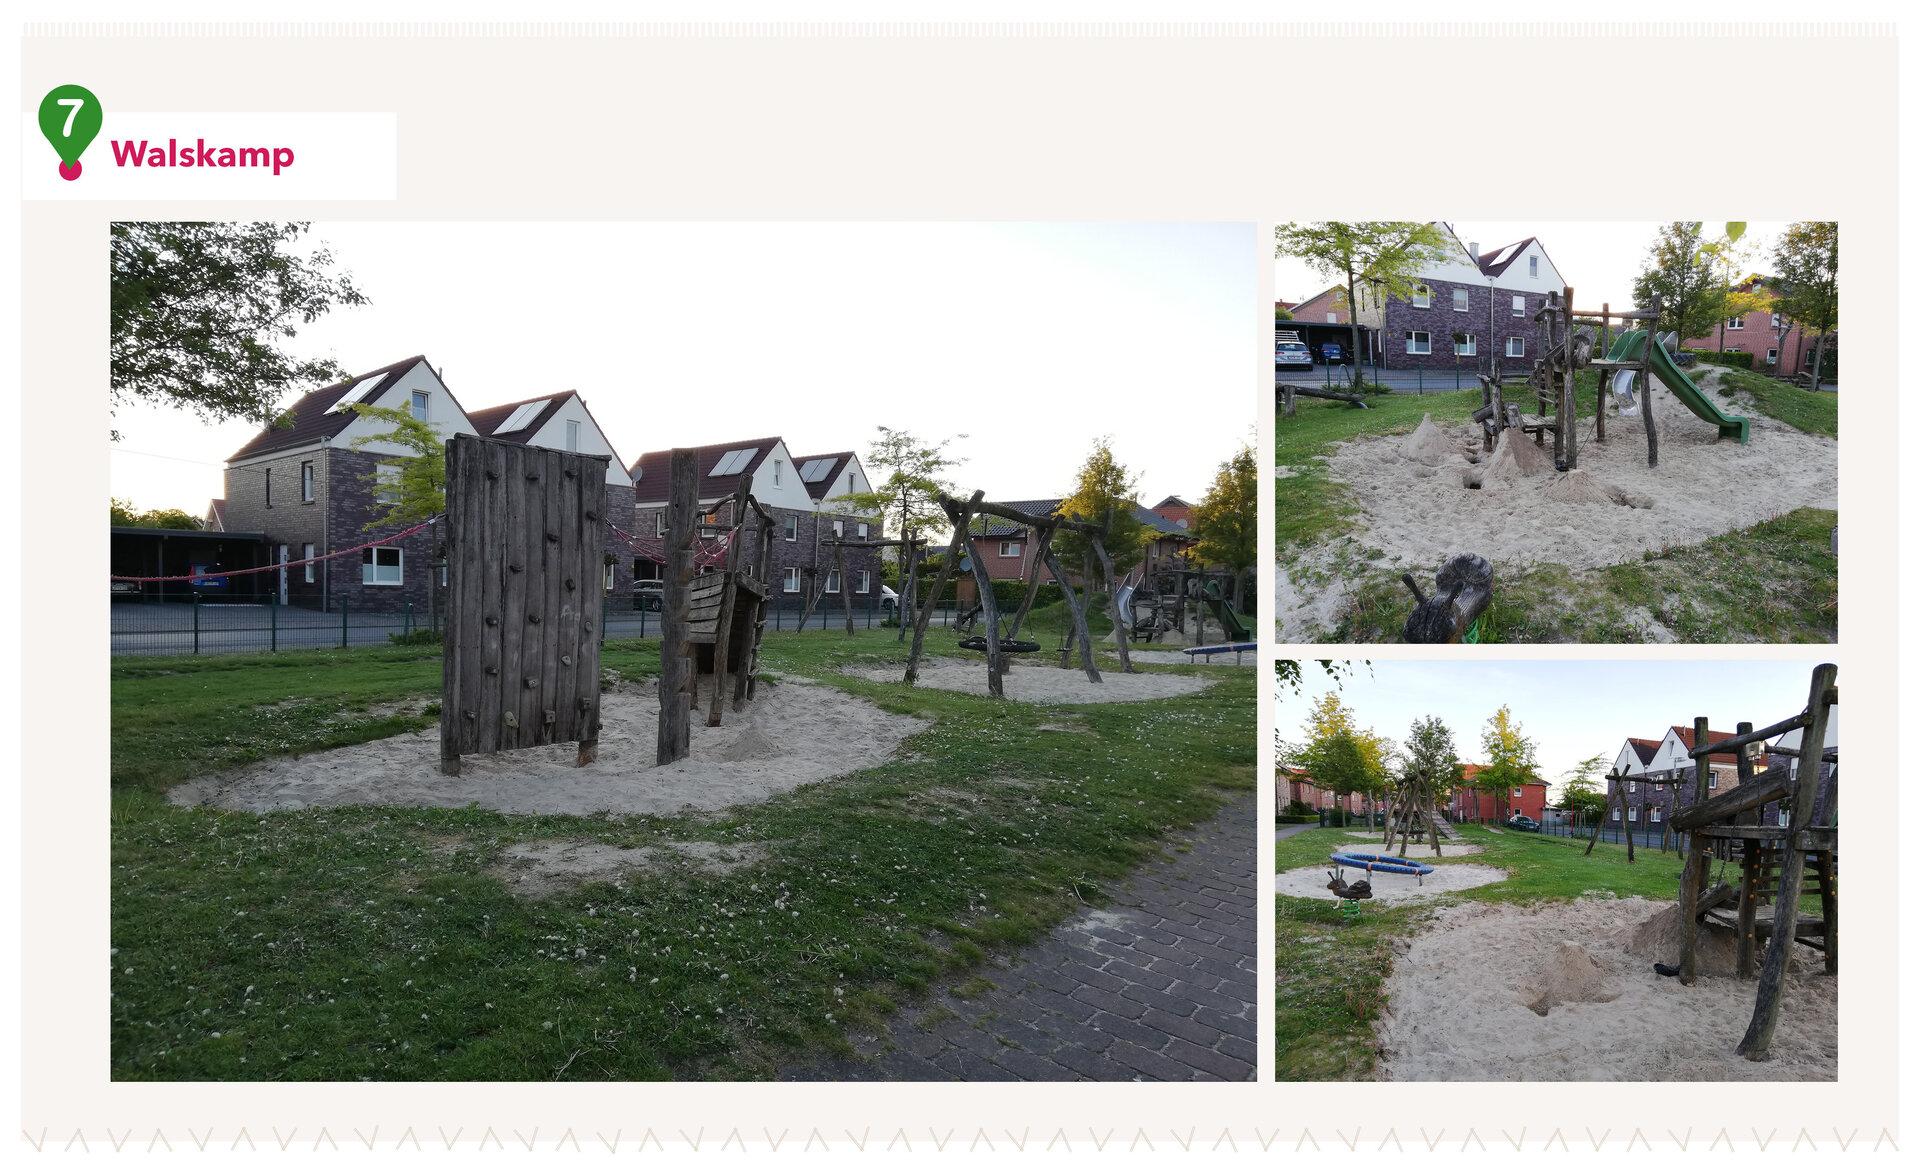 Spielplatz Walskamp